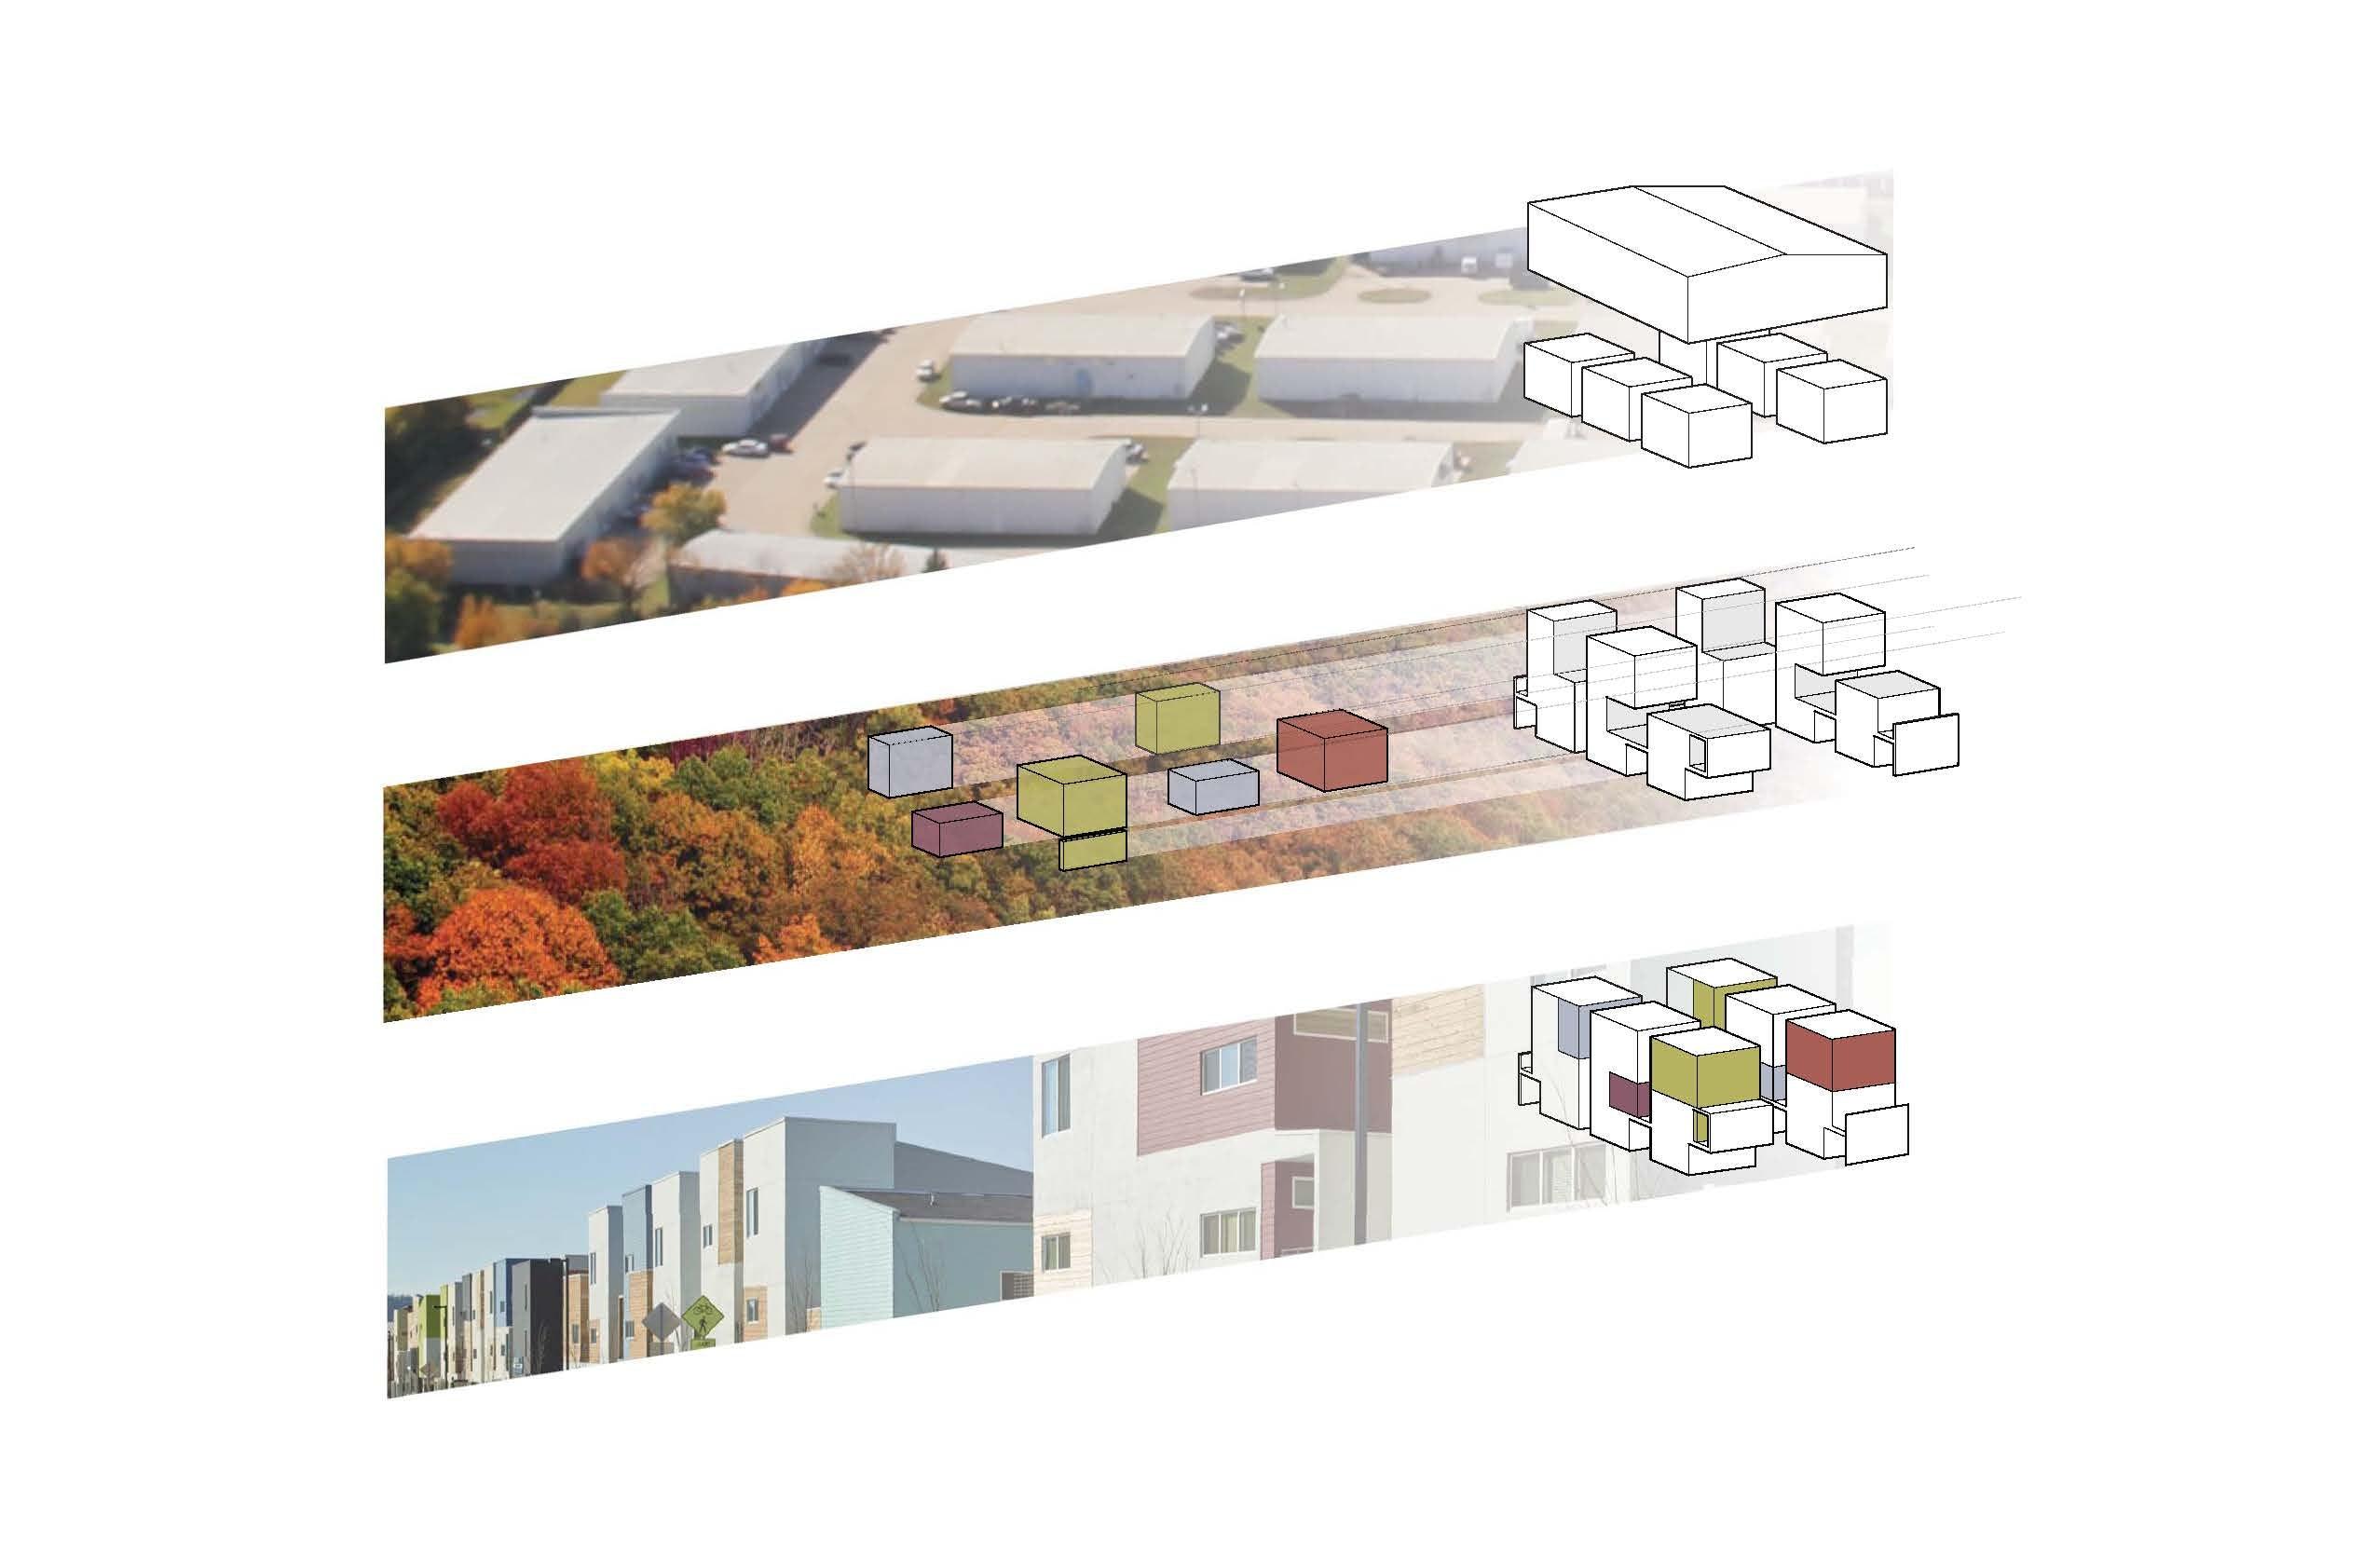 Beechwood industrial context diagram